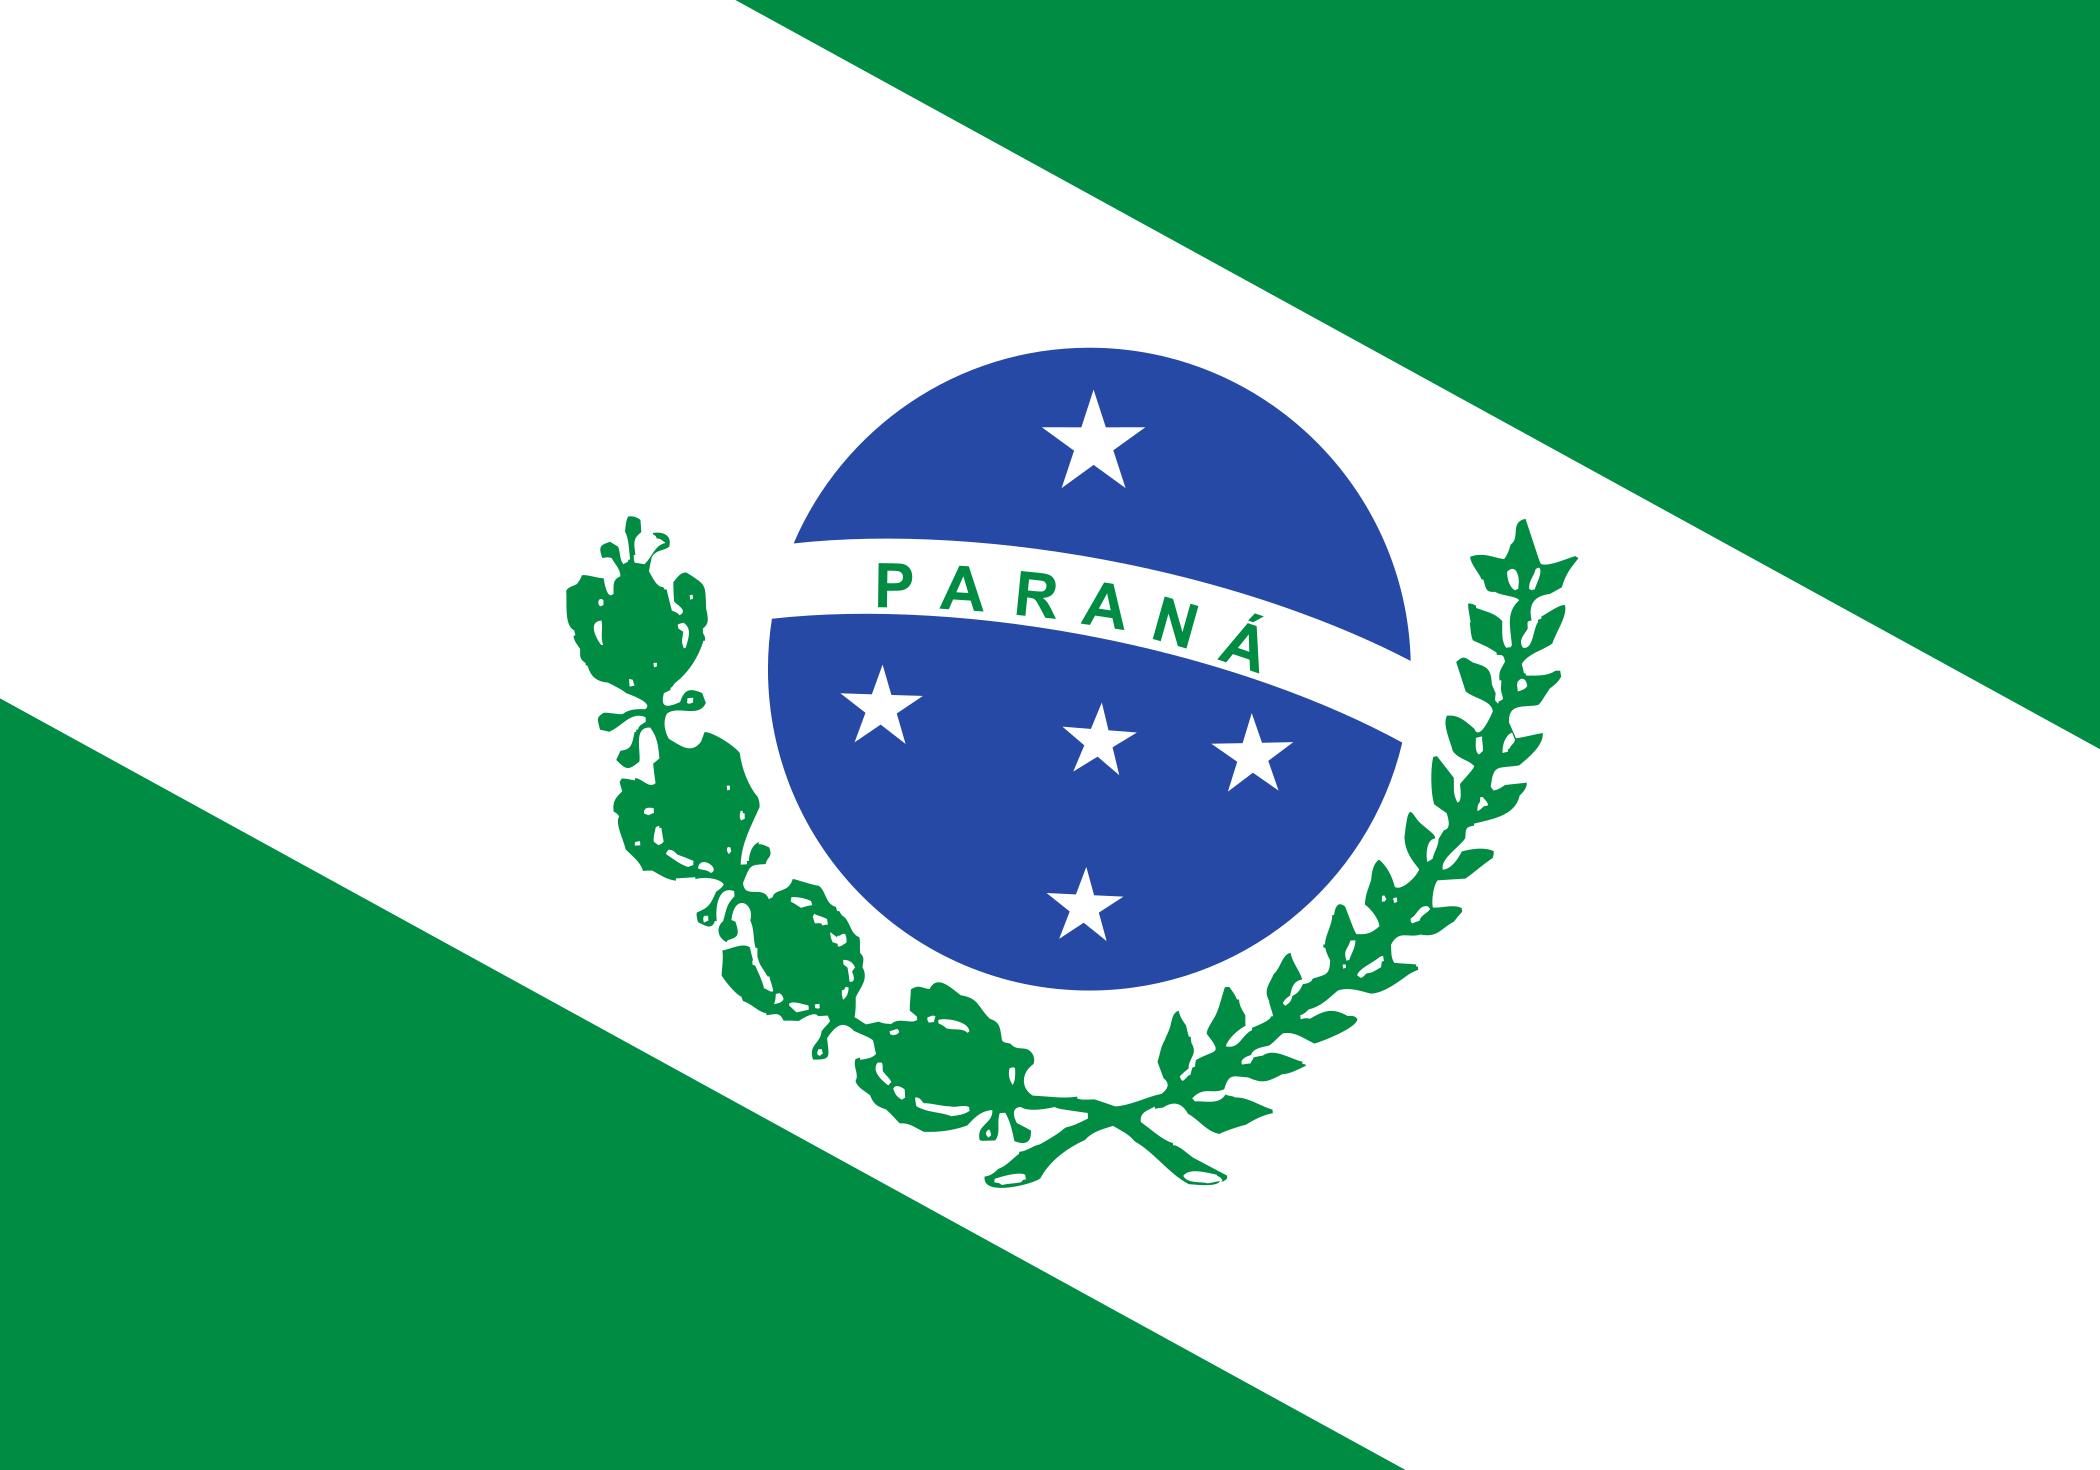 bandeira-do-estado-do-parana-1